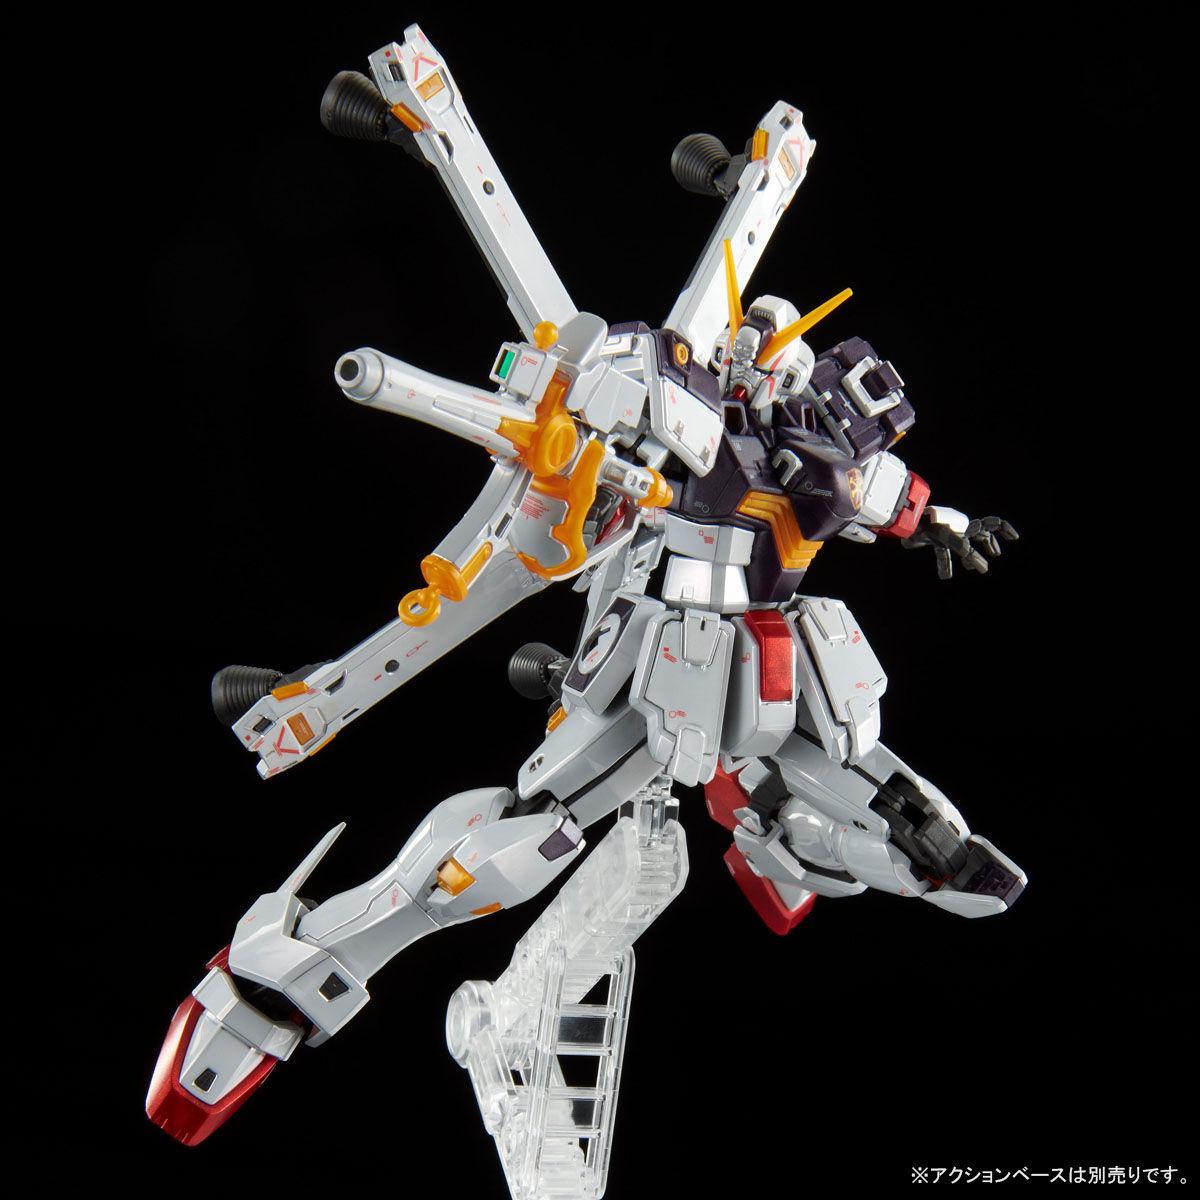 【限定販売】RG 1/144『クロスボーン・ガンダムX1[チタニウムフィニッシュ]』プラモデル-004